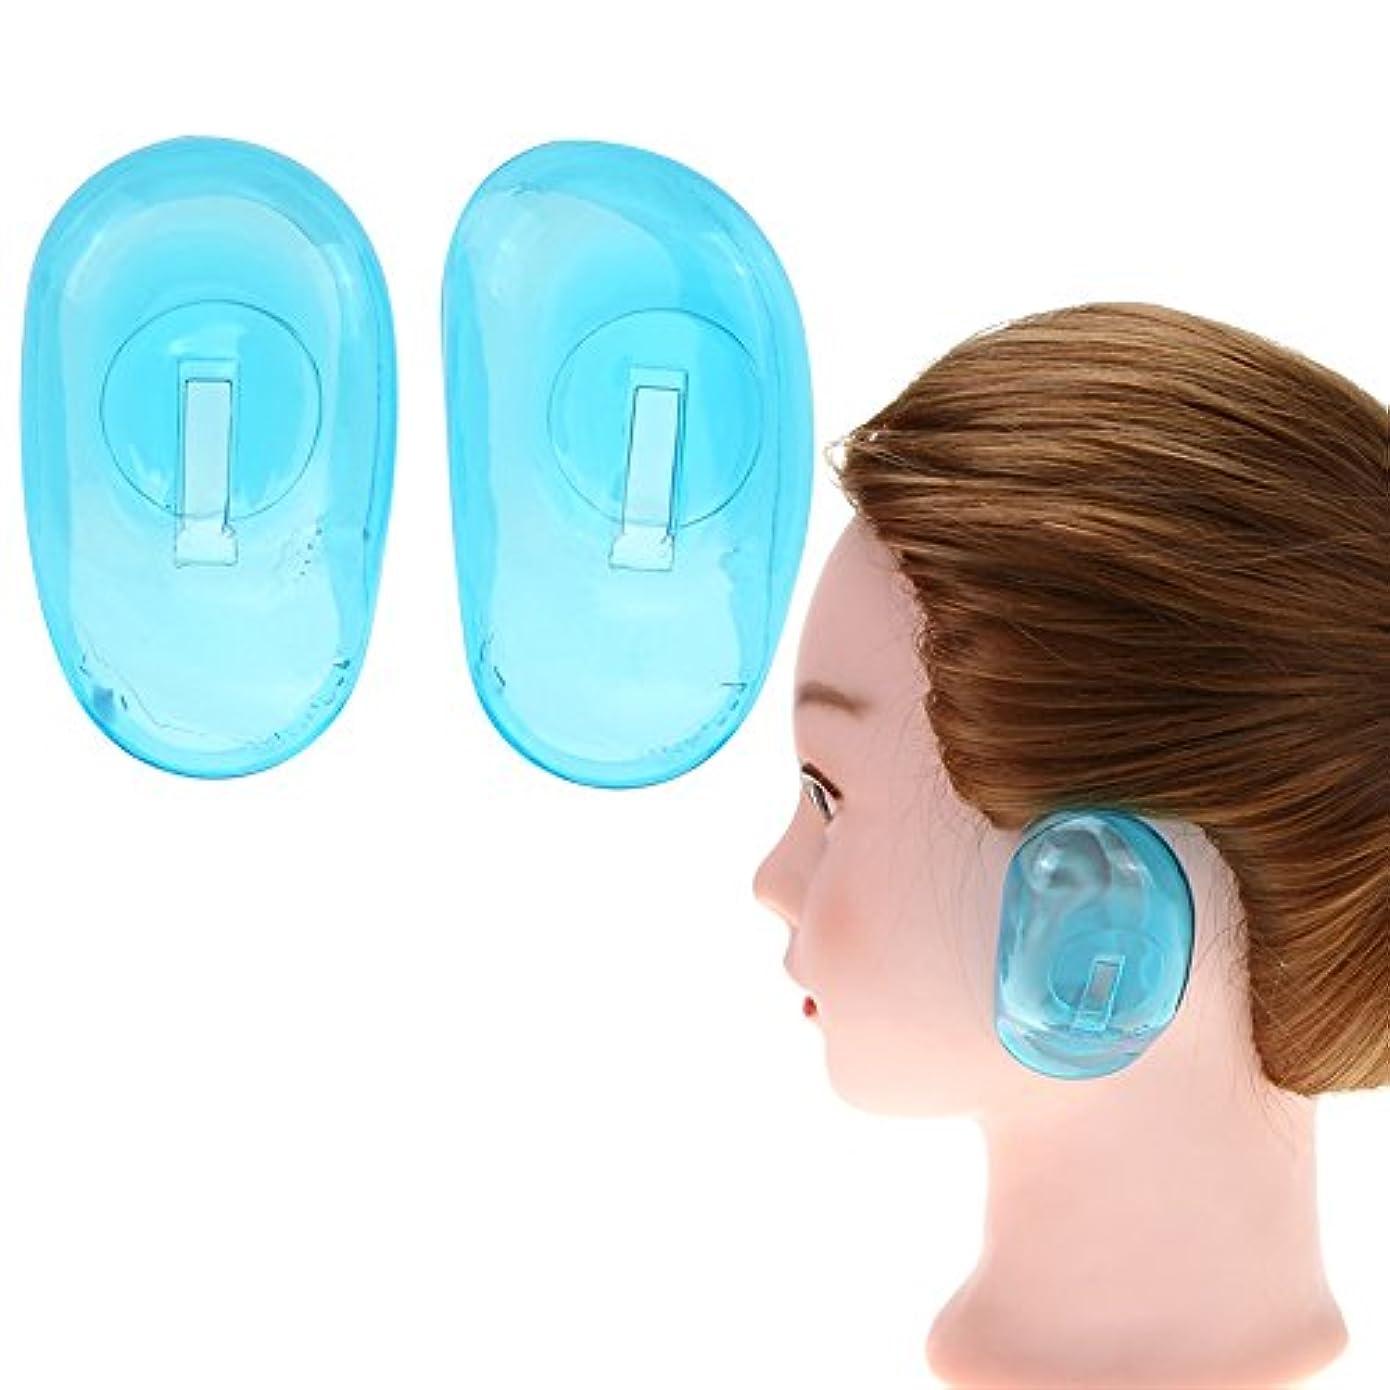 欠員感嘆かもしれないRuier-tong 1ペア耳カバー 毛染め用 シリコン製 耳キャップ 柔らかいイヤーキャップ ヘアカラー シャワー 耳保護 ヘアケアツール サロン 洗える 繰り返す使用可能 エコ 8.5x5cm